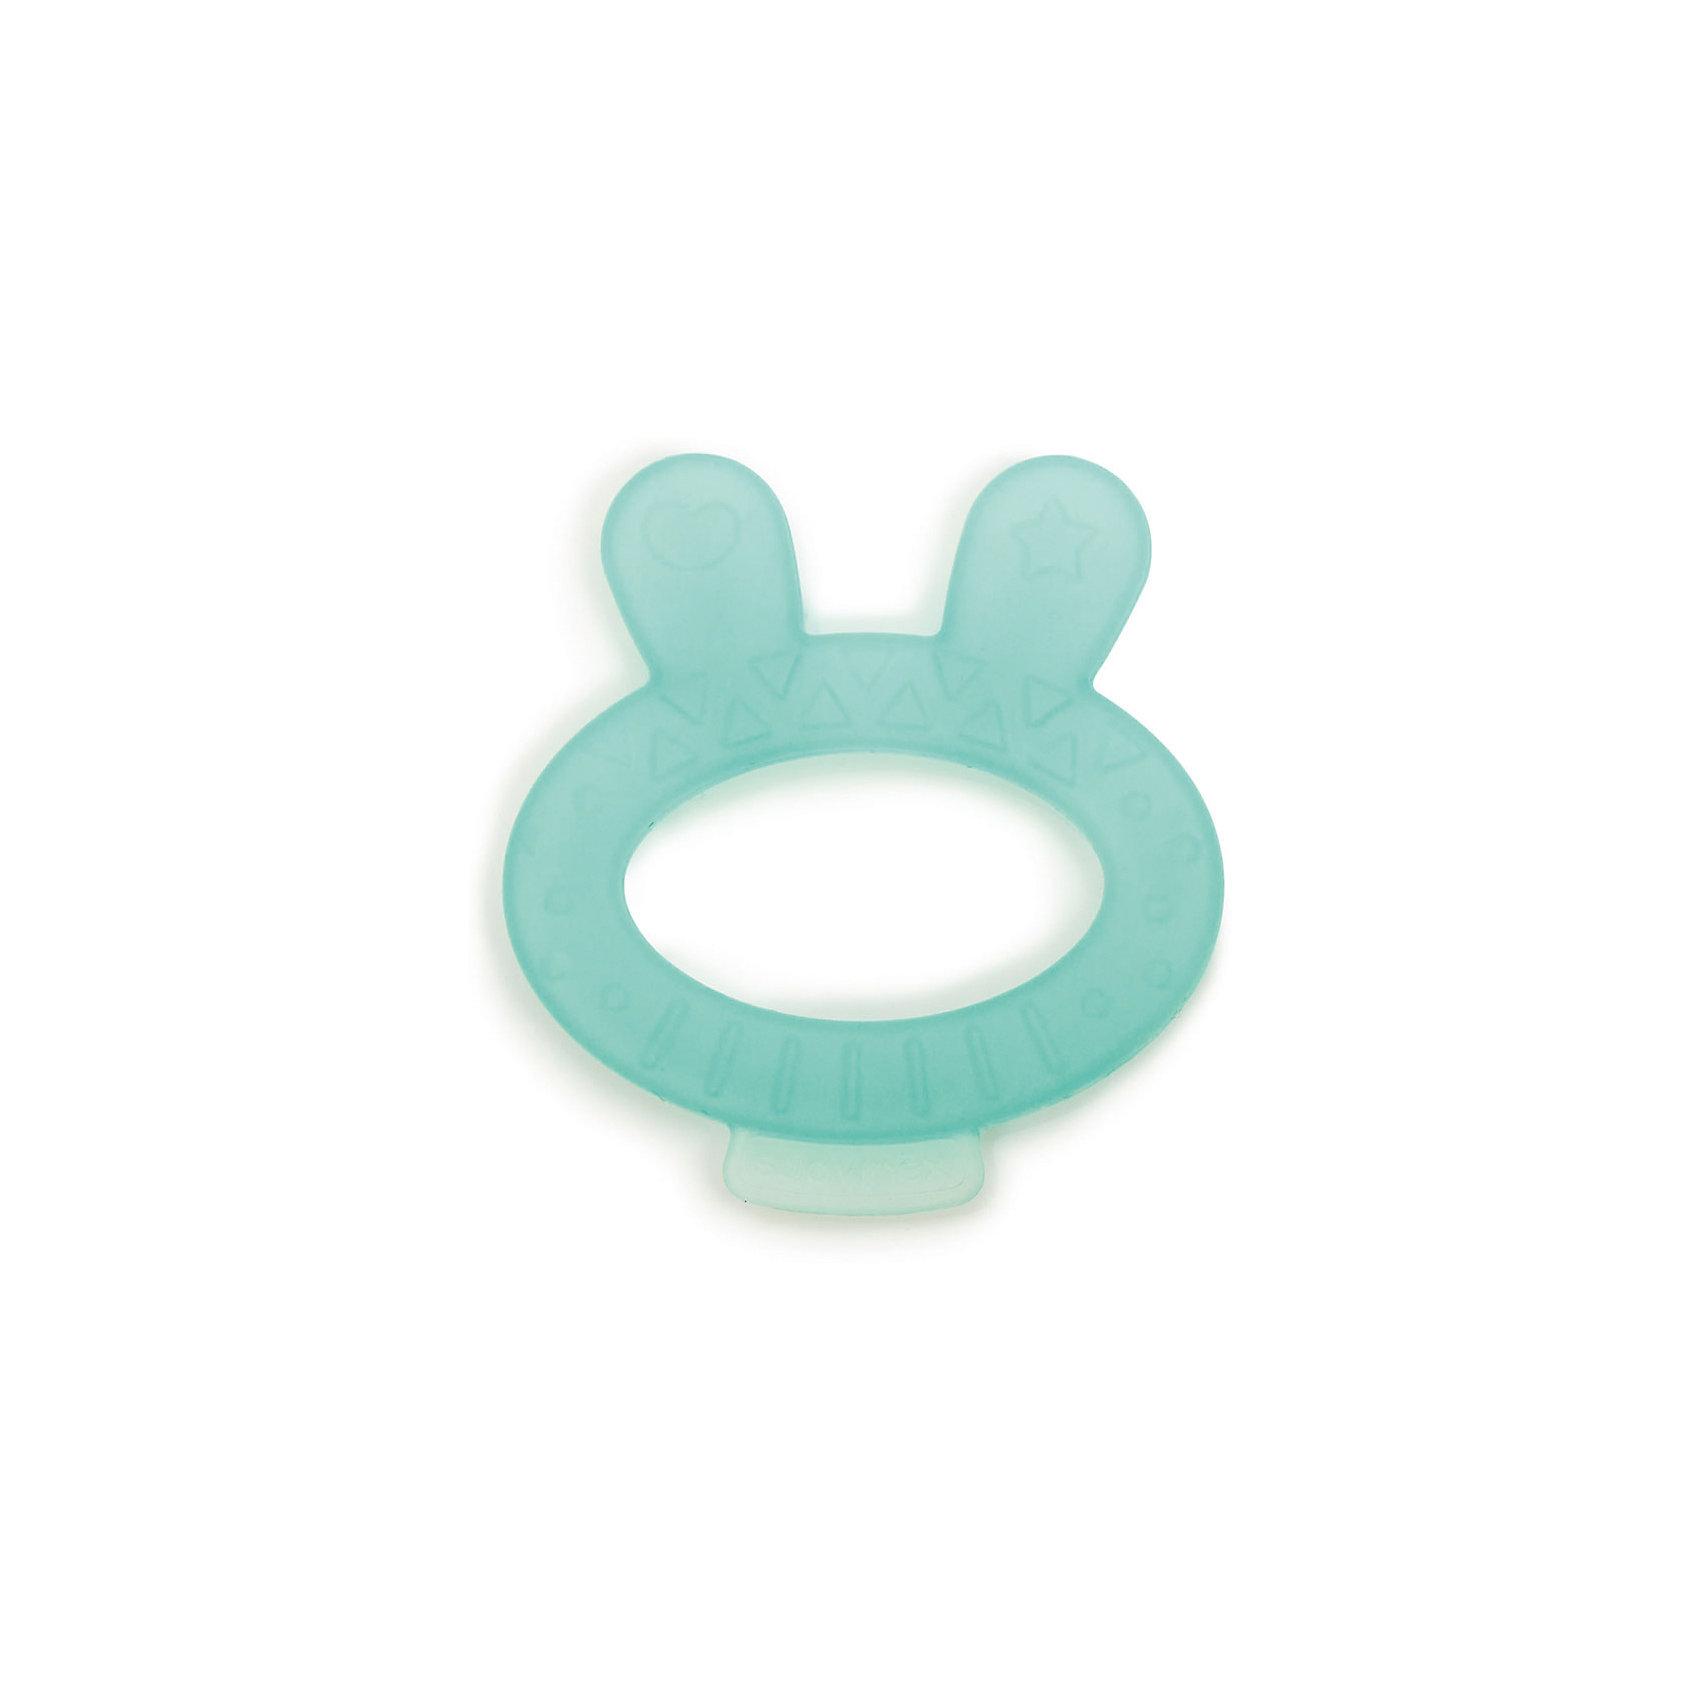 Прорезыватель от 0мес Кролик, Suavinex, голубойПрорезыватели<br>Характеристики:<br><br>• Наименование: прорезыватель<br>• Рекомендуемый возраст: от 0 месяцев<br>• Пол: для мальчика<br>• Материал: пластик<br>• Цвет: голубой<br>• Рисунок: кролик<br>• Наличие выпуклых элементов<br>• Эргономичная форма<br>• Отсутствие острых углов<br>• Вес: 120 г<br>• Параметры (Д*Ш*В): 13,5*4*20 см <br>• Особенности ухода: можно мыть в теплой воде, допускается стерилизация<br><br>Прорезыватель от 0мес Кролик, Suavinex, голубой изготовлен испанским торговым брендом, специализирующимся на выпуске товаров для кормления и аксессуаров новорожденным и младенцам. Продукция от Suavinex разработана с учетом рекомендаций педиатров и стоматологов, что гарантирует качество и безопасность использованных материалов. <br><br>Пластик, из которого изготовлено изделие, устойчив к появлению царапин от острых детских зубов, благодаря чему игрушка длительное время сохраняет свои гигиенические свойства. <br><br>Прорезыватель выполнен в эргономичной форме, имеет легкий вес, что позволяет малышу не только удобно держать его в ручке, но и отрабатывать навык захвата игрушки. У держателя отсутствуют острые углы, на поверхности расположены выпуклые элементы разной формы, что обеспечивает мягкий нетравмирующий массаж десен. Прорезыватель выполнен в брендовом дизайне в виде кролика.<br><br>Прорезыватель от 0мес Кролик, Suavinex, голубой можно купить в нашем интернет-магазине.<br><br>Ширина мм: 135<br>Глубина мм: 40<br>Высота мм: 200<br>Вес г: 120<br>Возраст от месяцев: 0<br>Возраст до месяцев: 24<br>Пол: Мужской<br>Возраст: Детский<br>SKU: 5451237